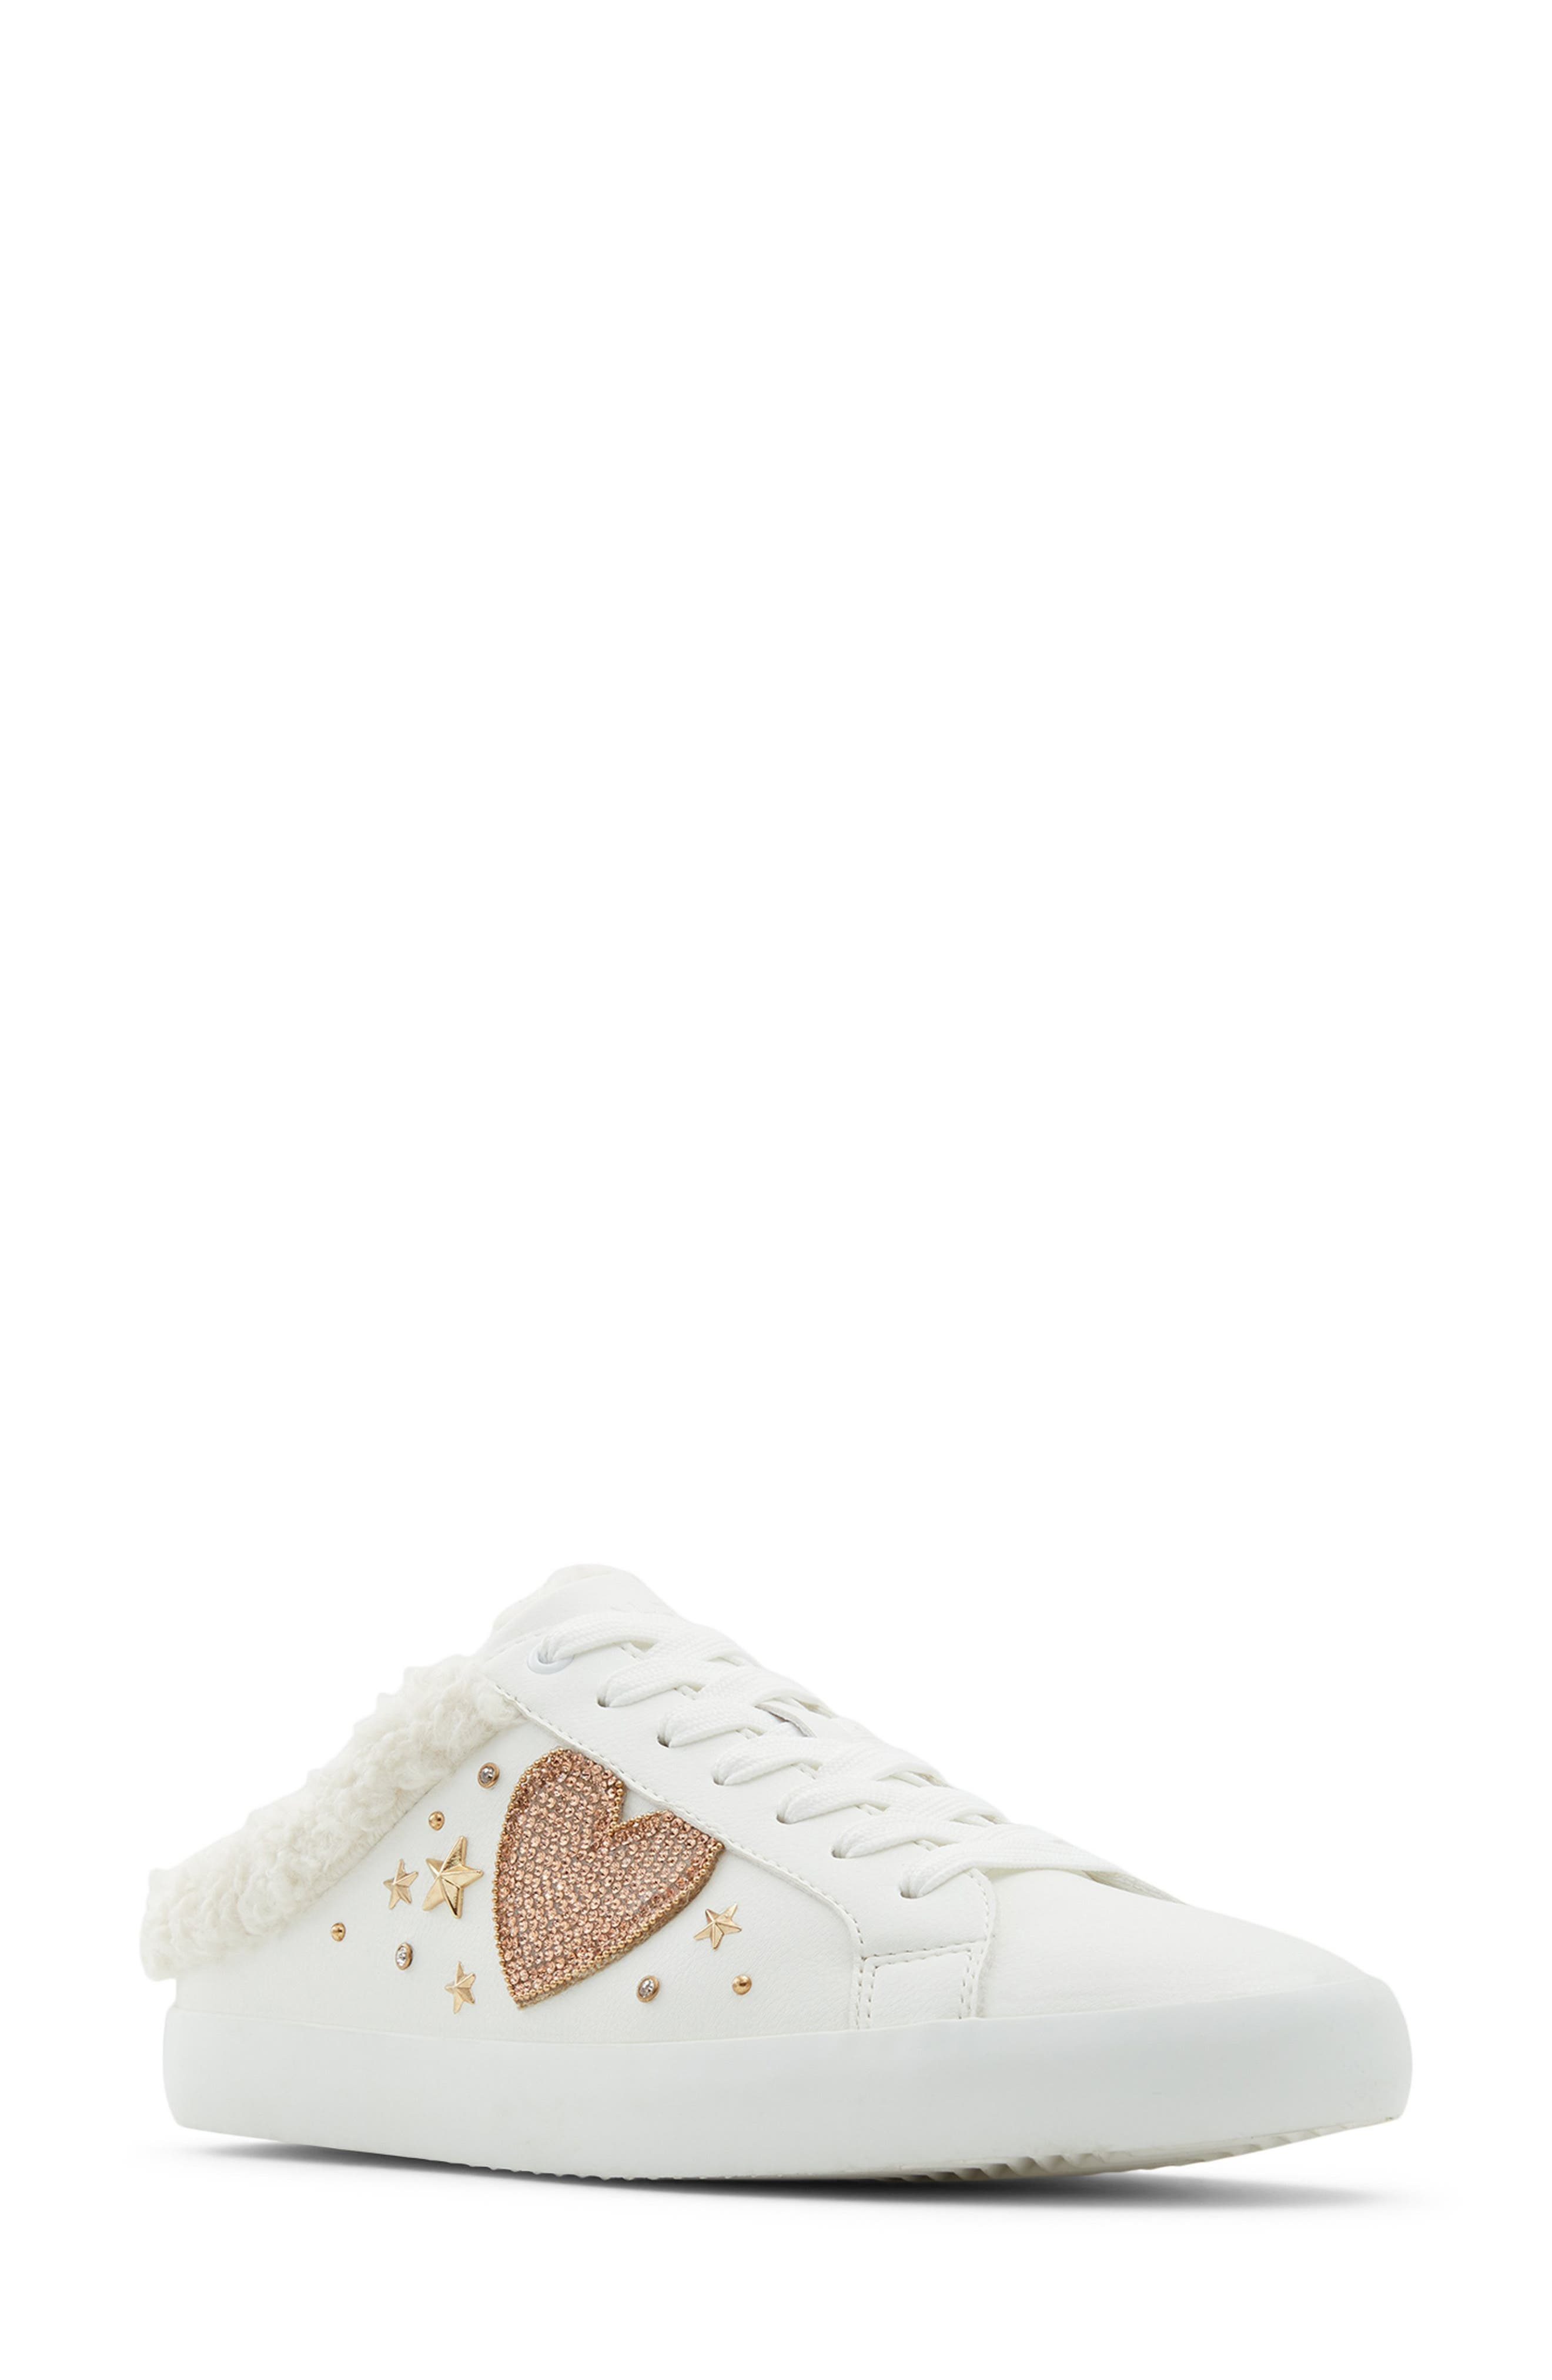 Lovey Faux Shearling Lined Sneaker Mule